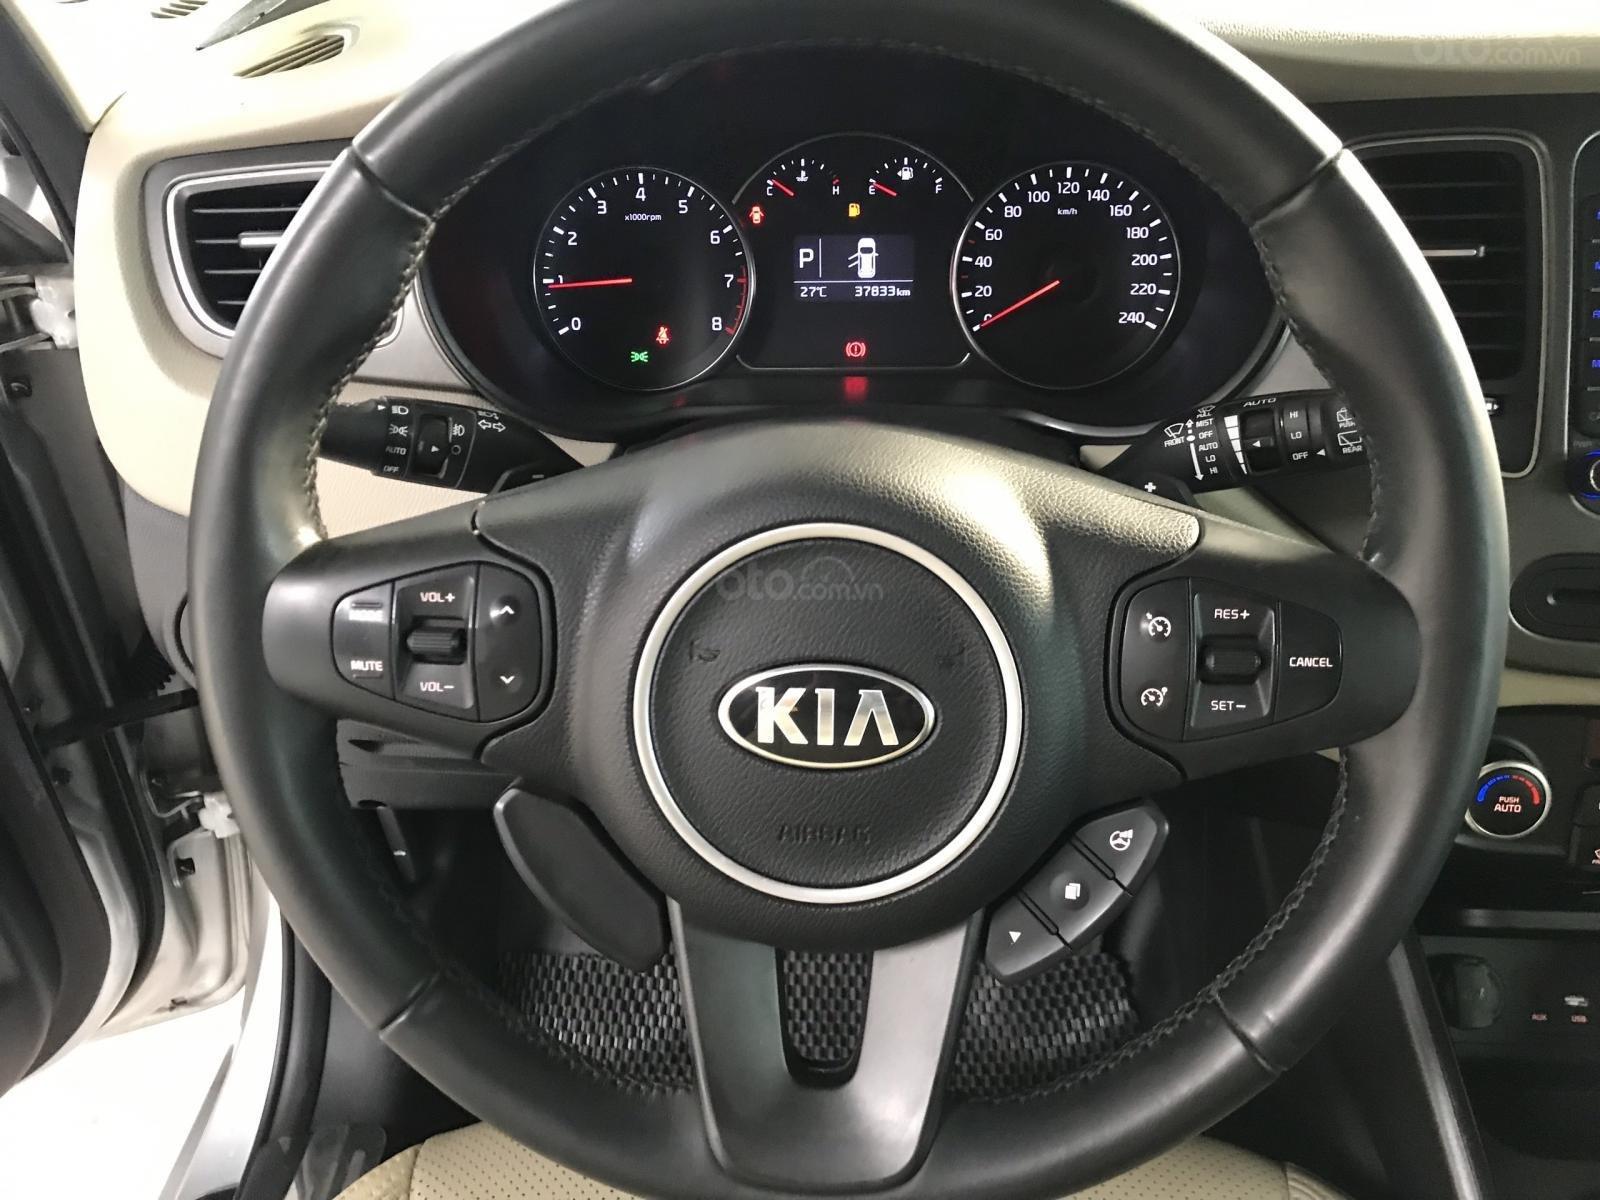 Bán Kia Rondo GAT 2.0AT màu bạc số tự động sản xuất 2017 đi 37000km (7)